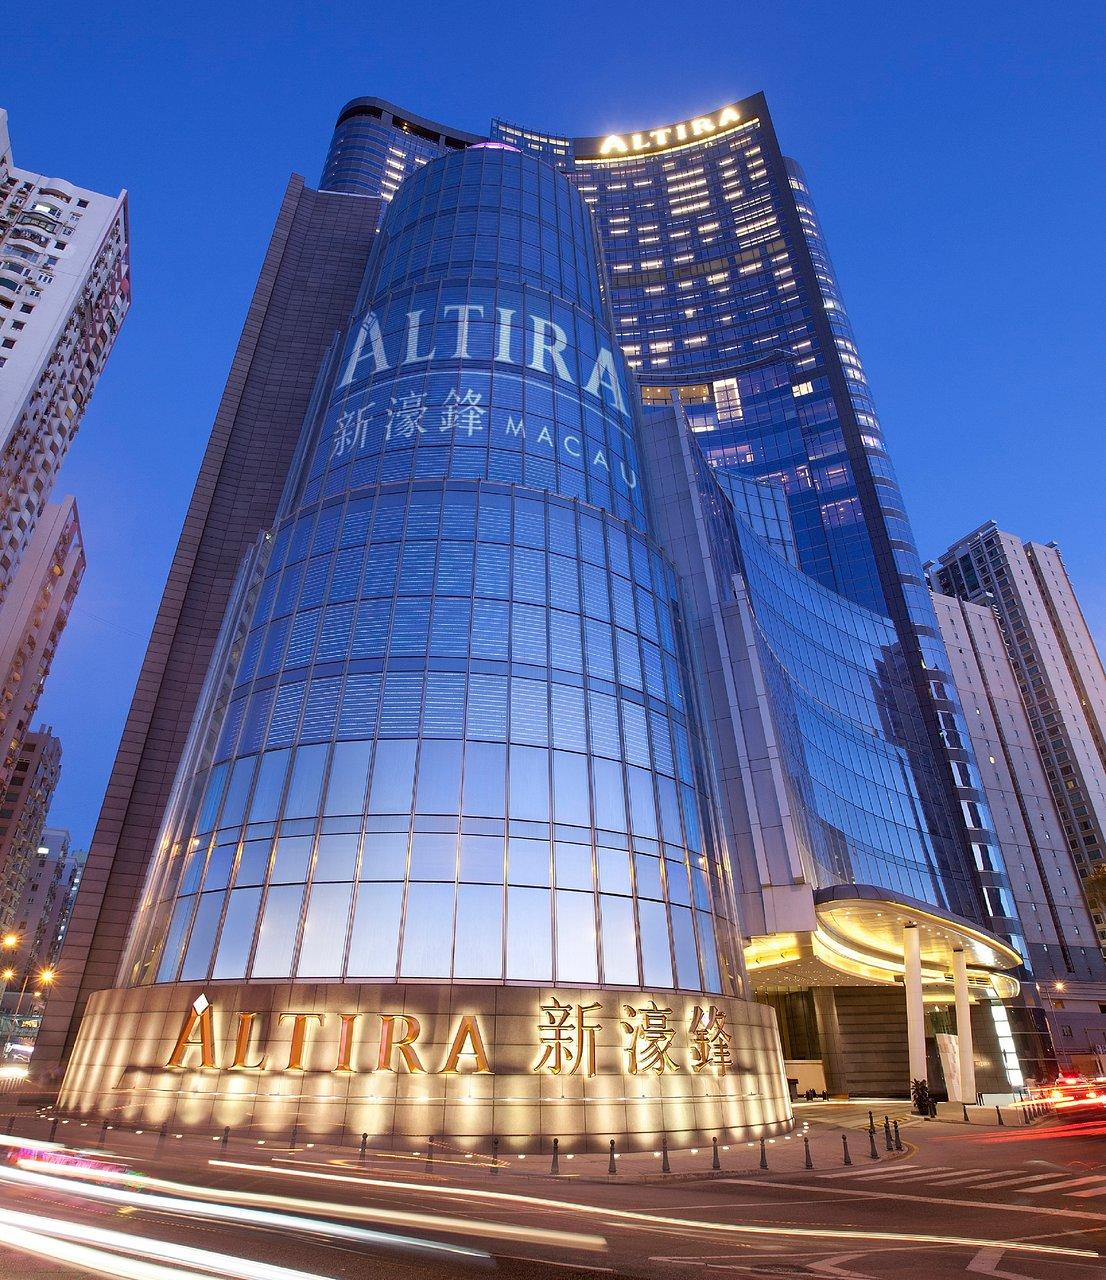 โรงแรมอัลทิร่า Altira Macau